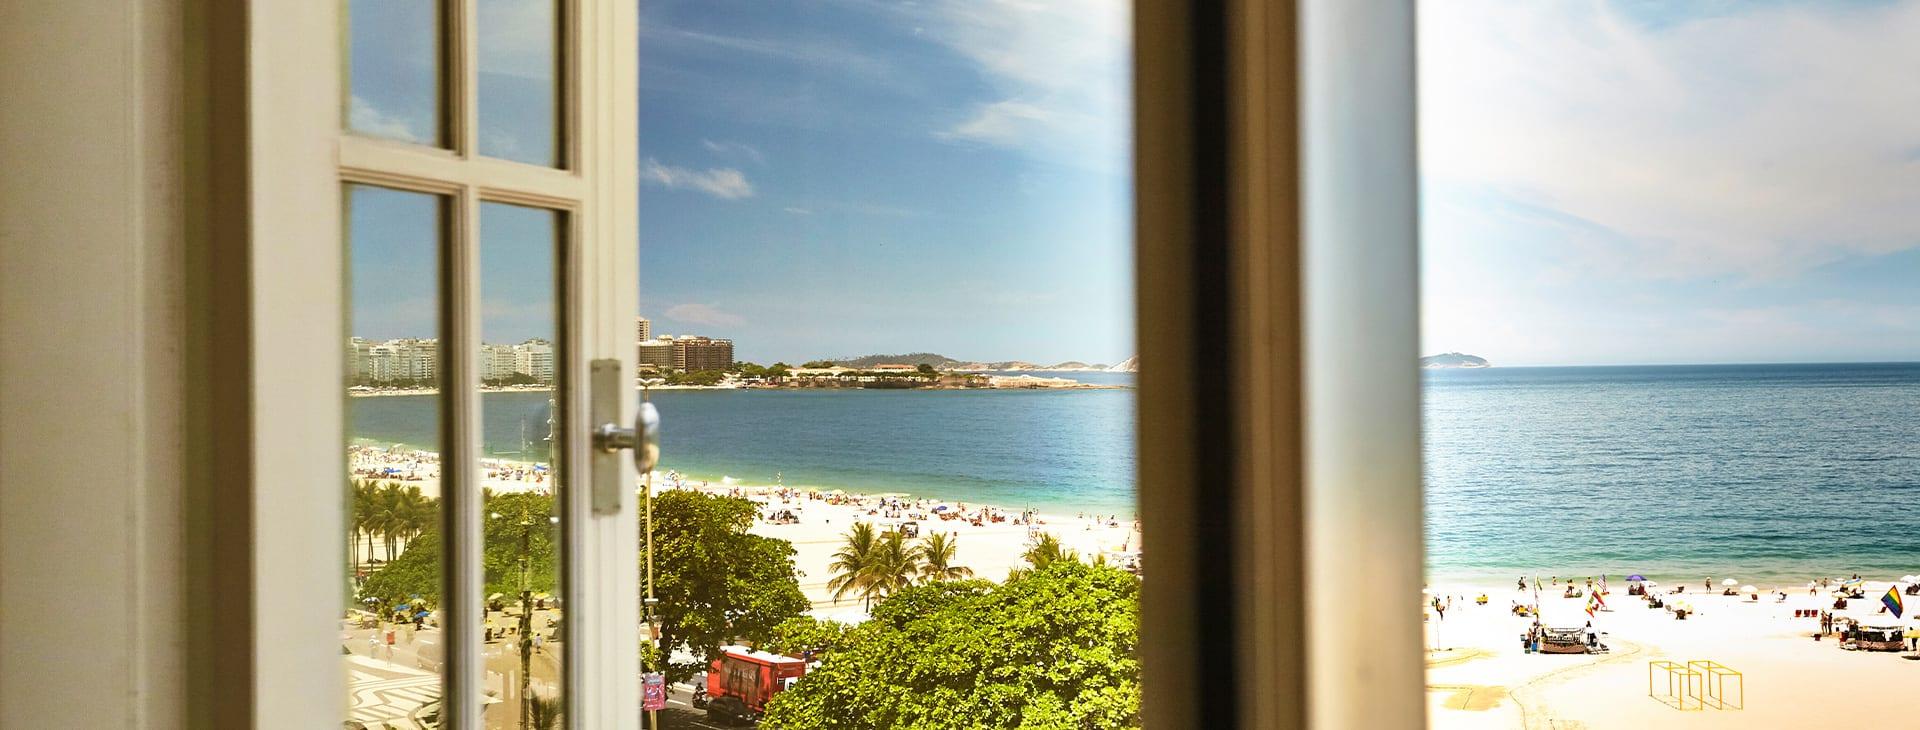 View from Belmond Rio Janeiro